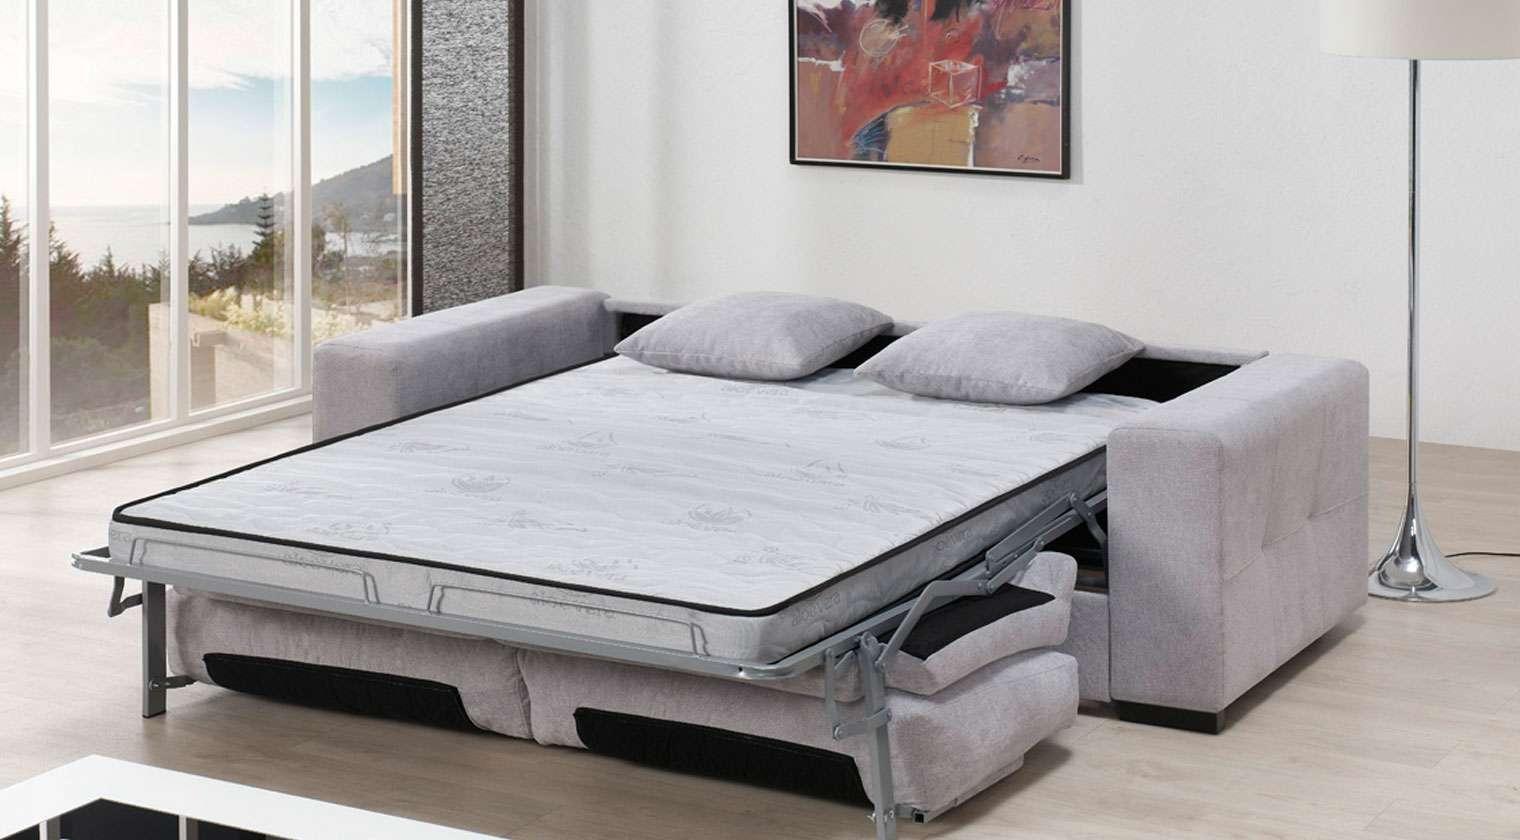 Comprar sof cama apolo sill n cama 80x190 rolex alba for Cama 80x190